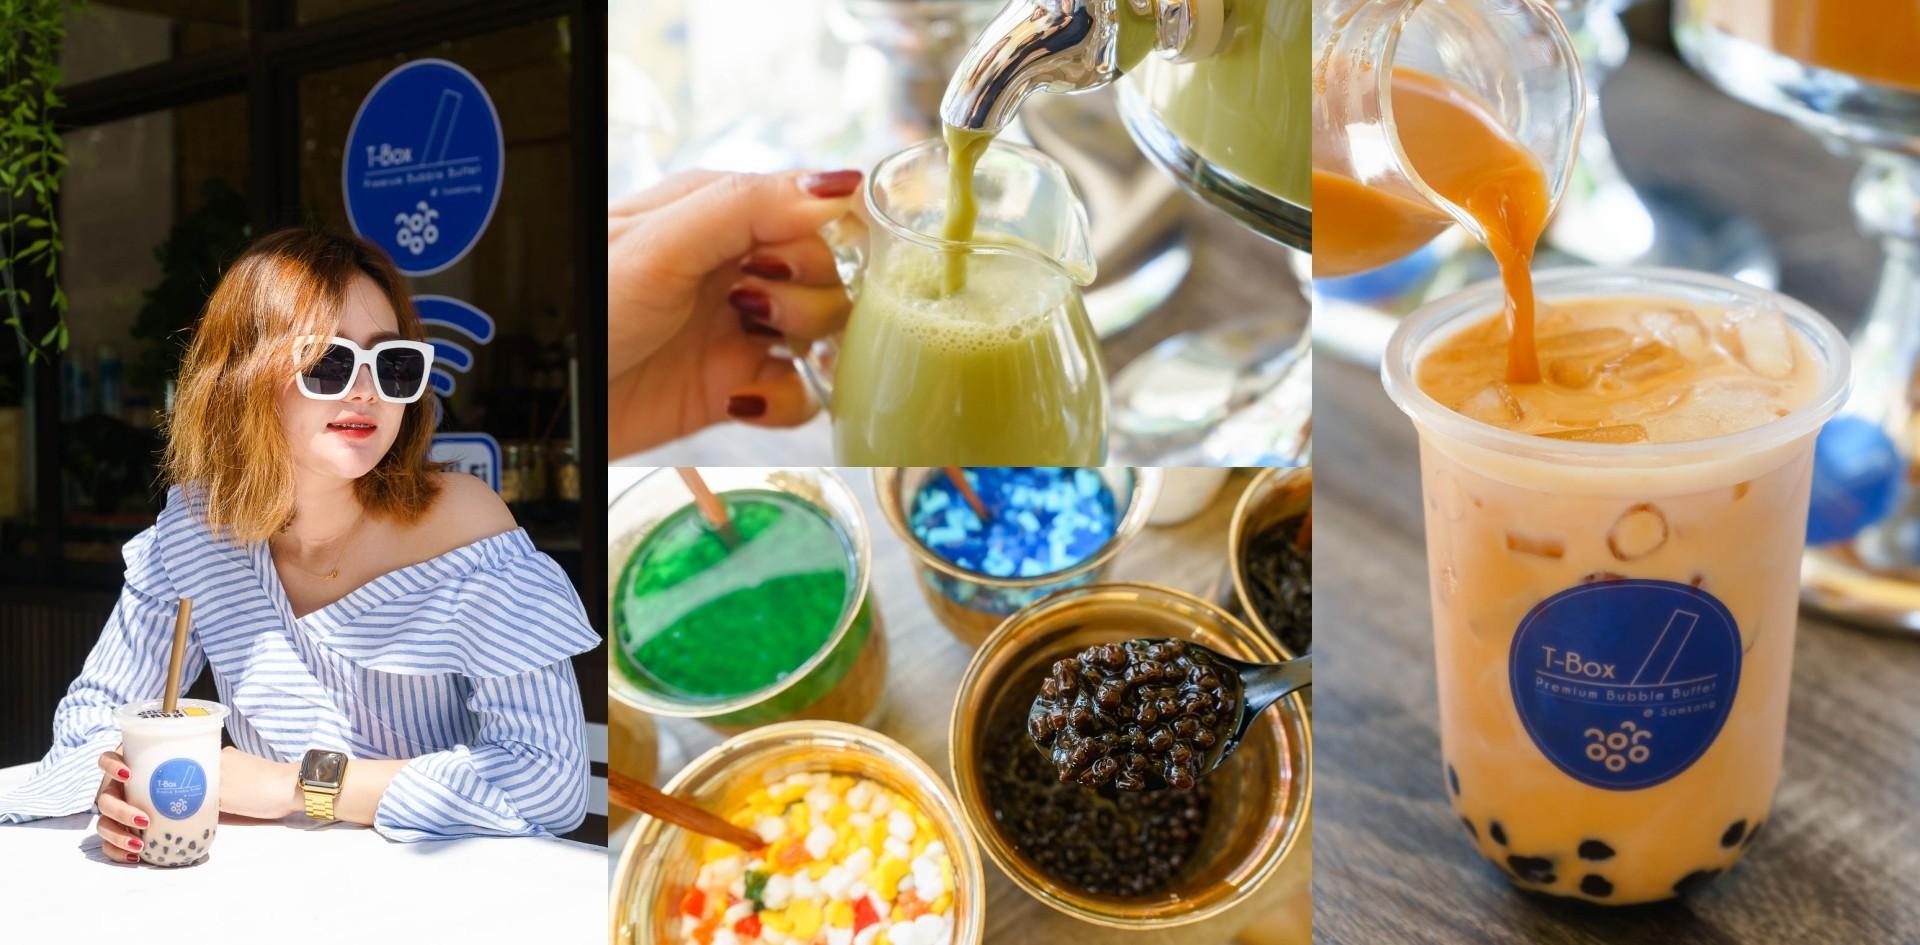 [รีวิว] ร้าน T-Box Premium Bubble Buffet ชาไข่มุกบุฟเฟ่ต์ภูเก็ต